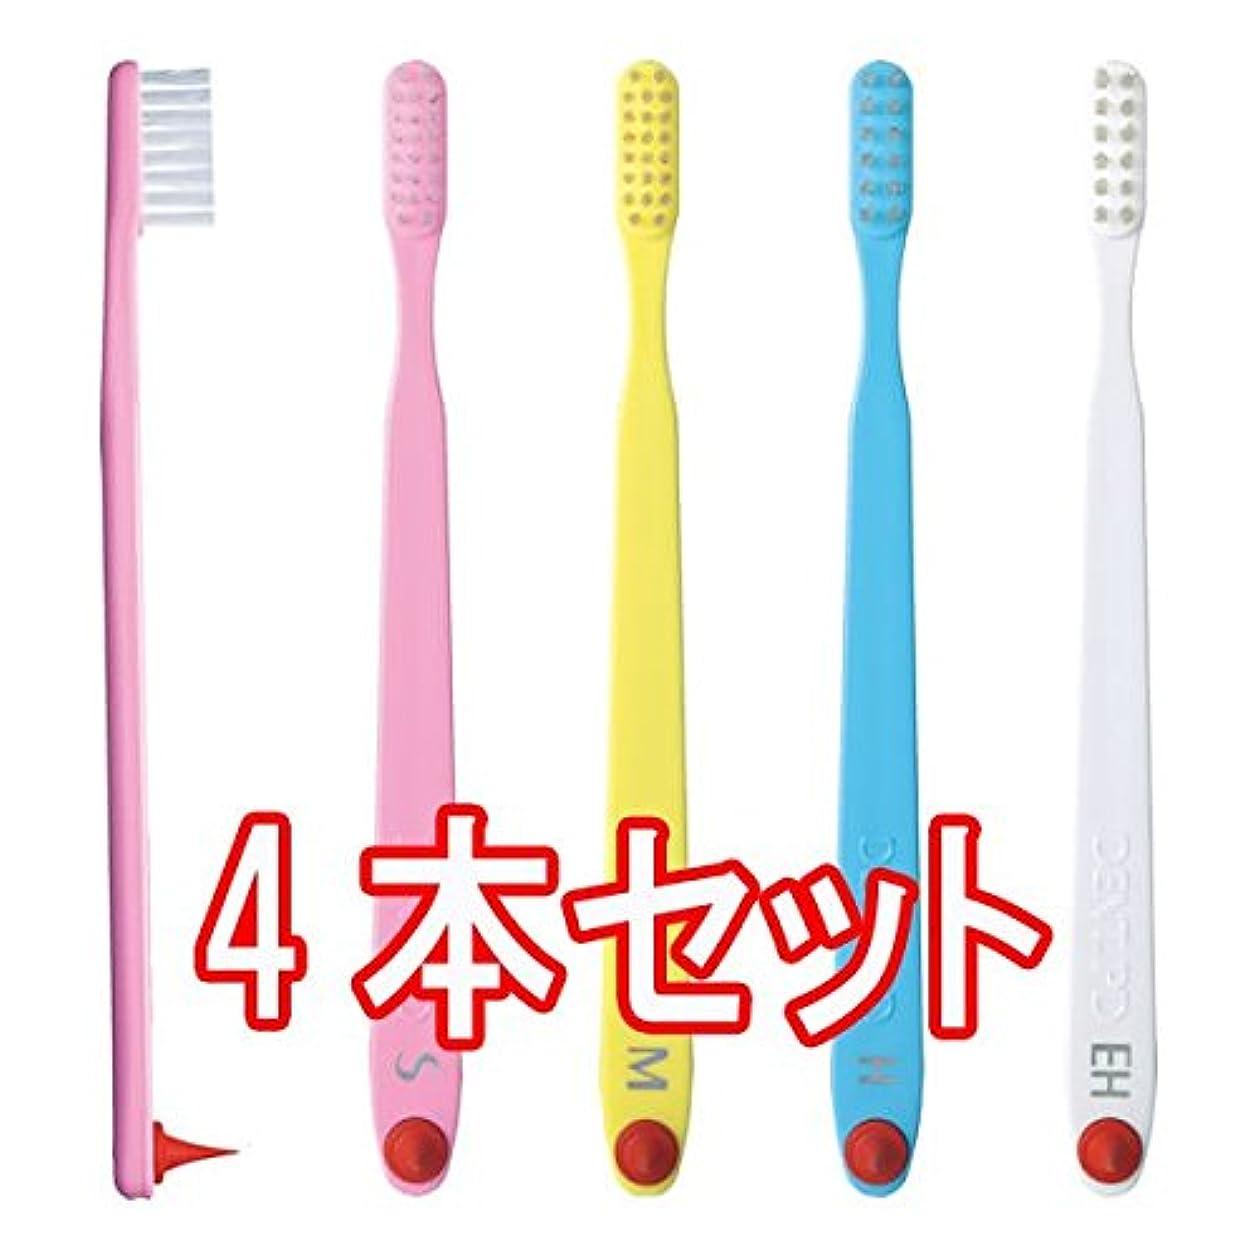 ストローク音節累計ライオン DENT.PD 歯ブラシ 4本入 (M)